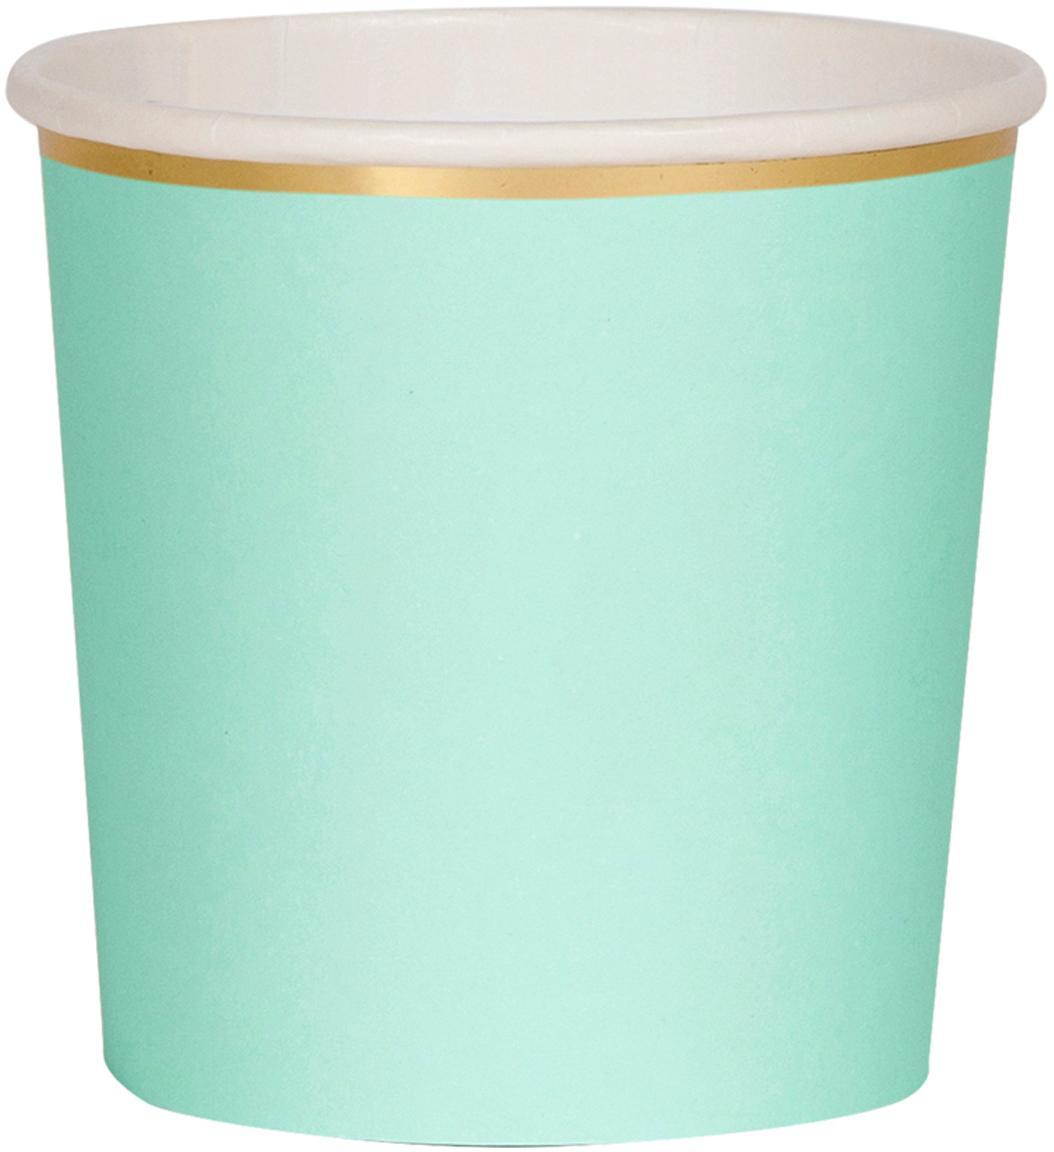 Papier-Becher Simply Eco, 8 Stück, Papier, foliert, Mintgrün, Ø 8 x H 8 cm